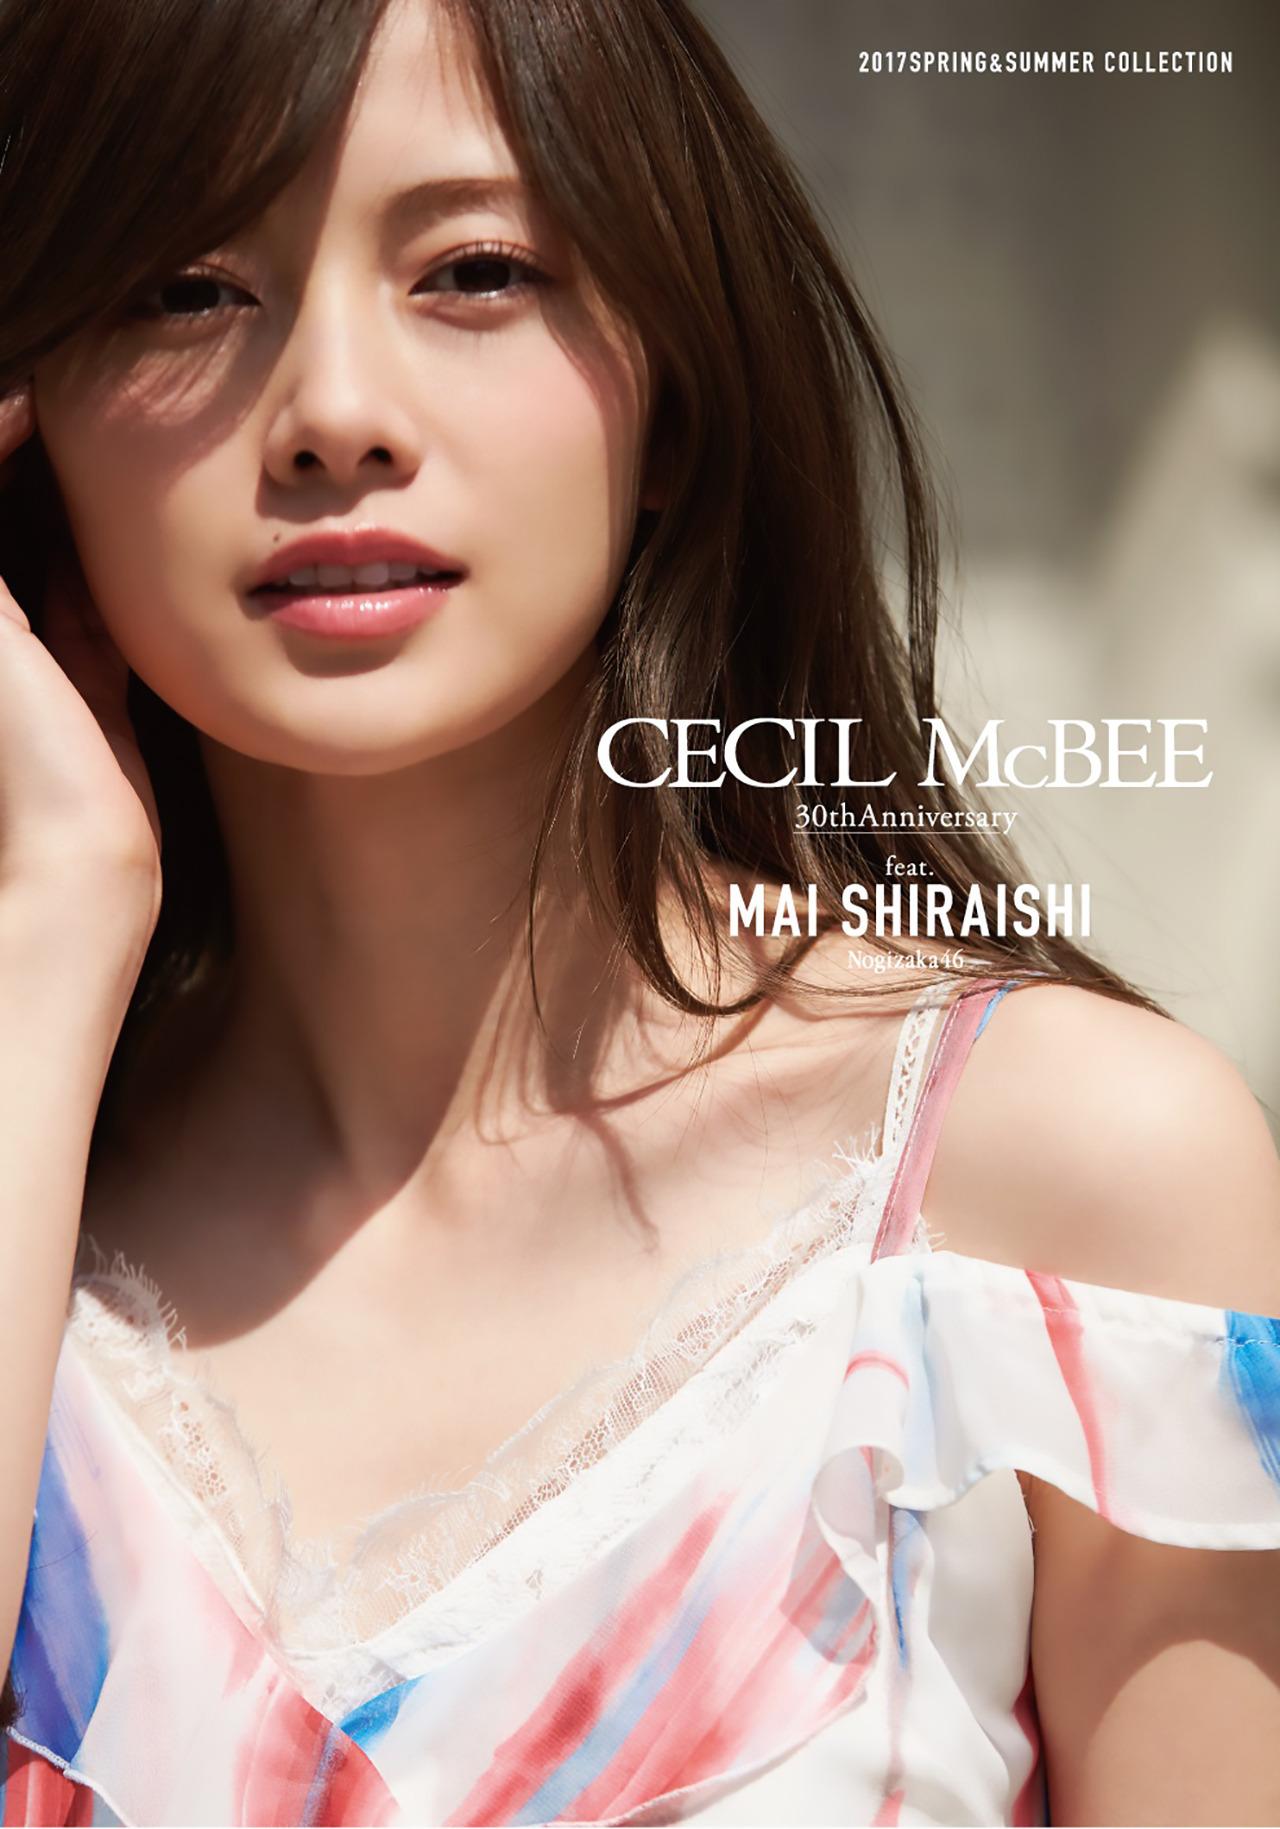 Mai Shiraishi - PB | Beautiful women pictures, Beautiful japanese girl, Asian beauty